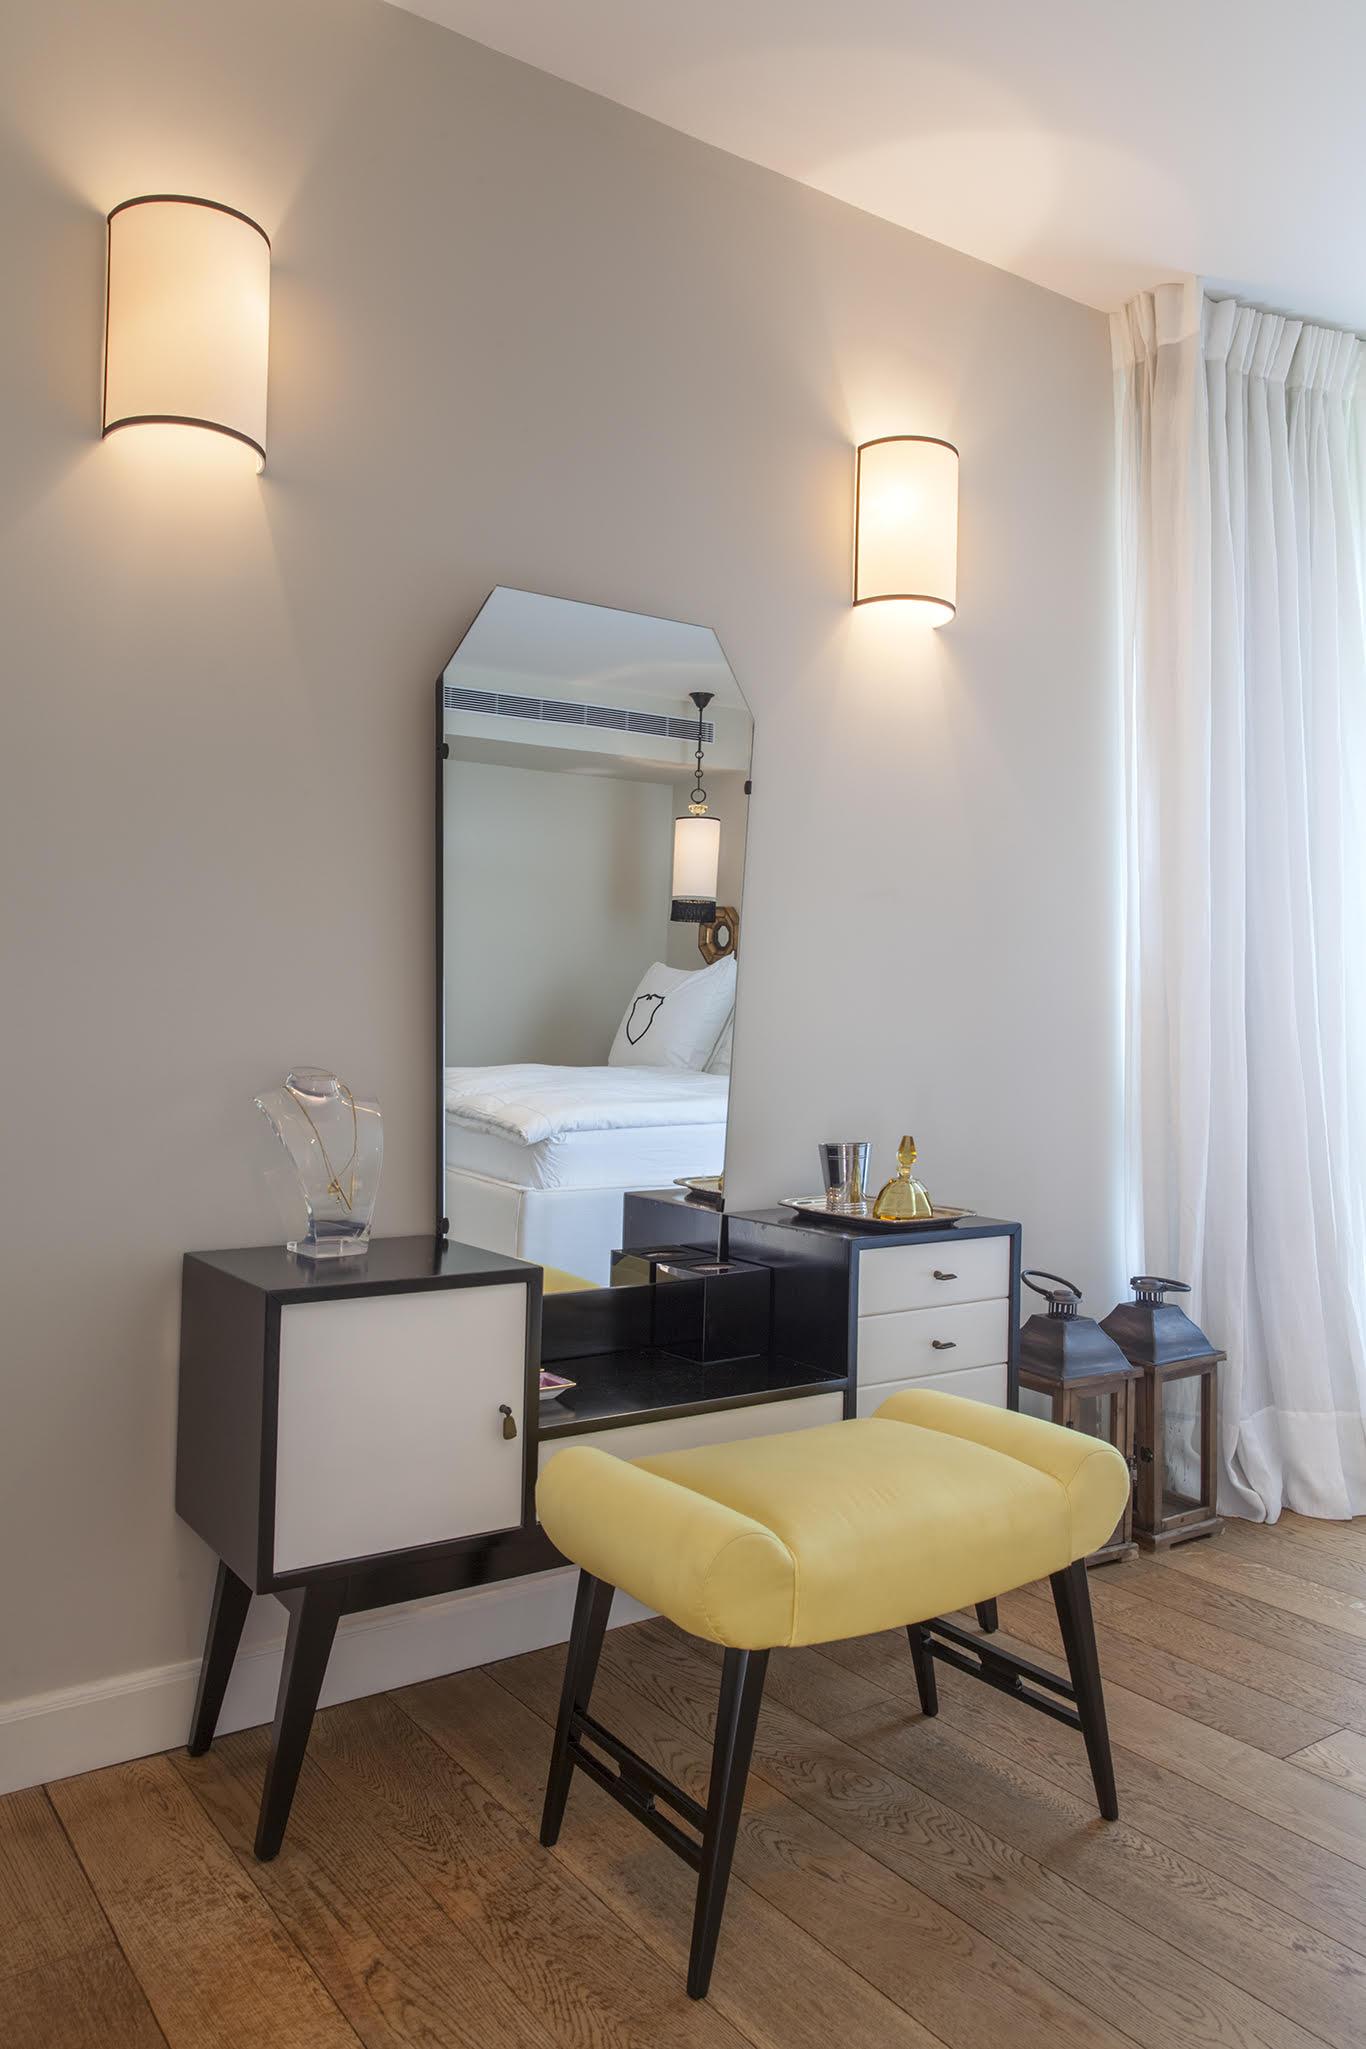 Zahala Residence III - Bedroom 1